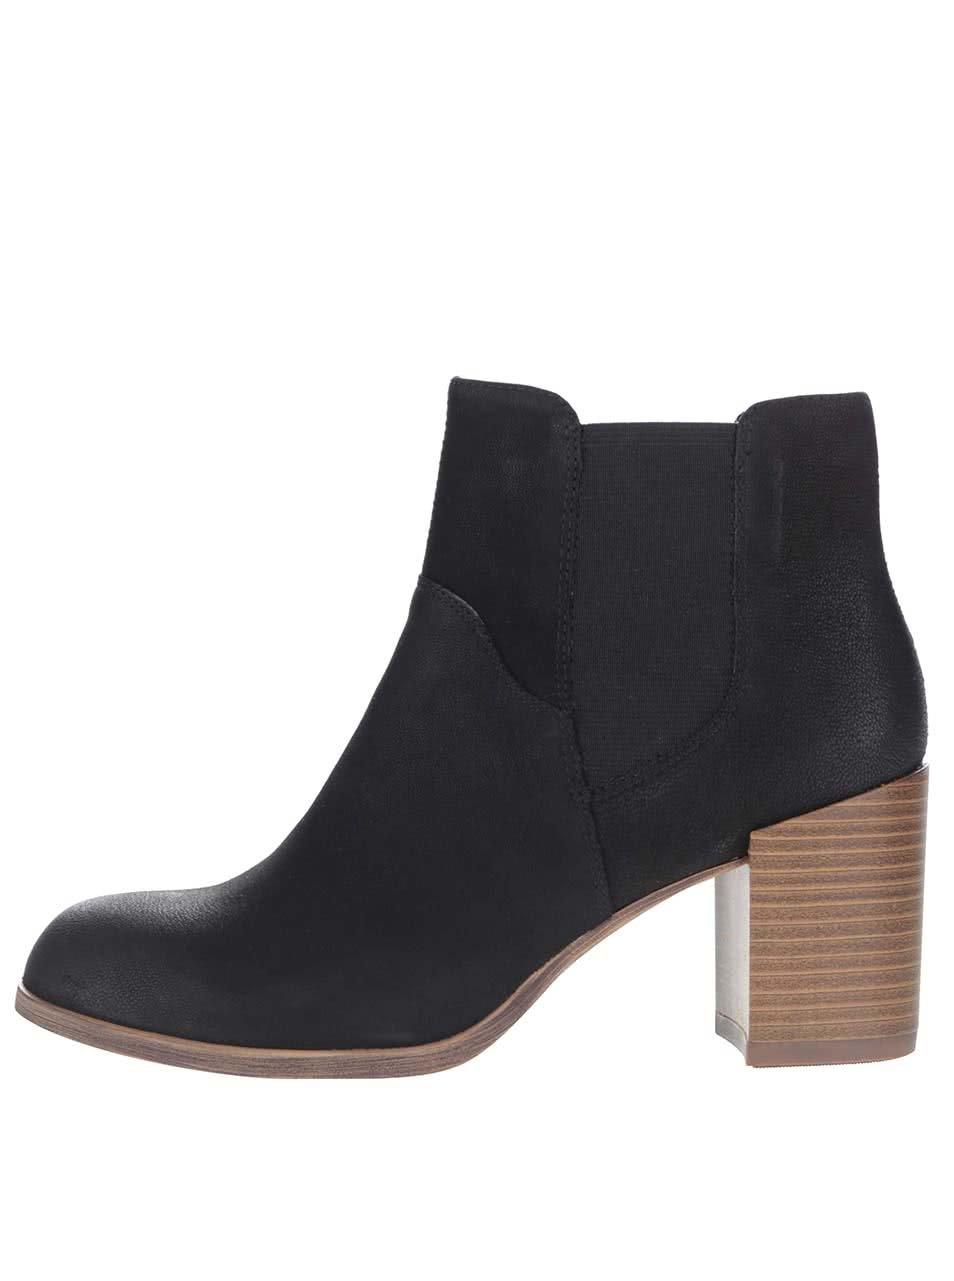 Černé kožené chelsea boty na podpatku Vagabond Anna